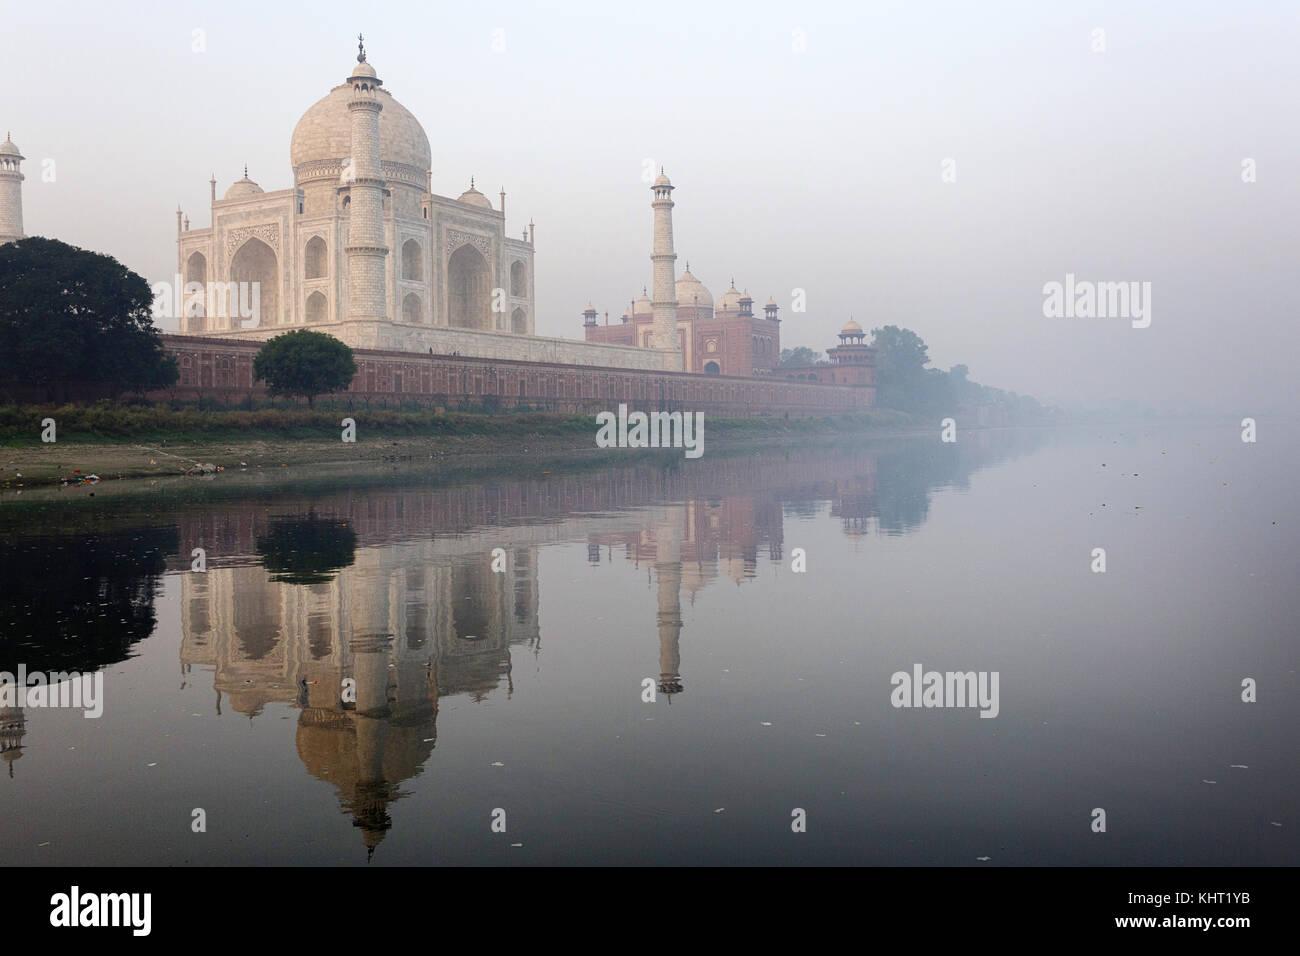 Mattina la riflessione del Taj Mahal nel fiume Yamuna, Sito Patrimonio Mondiale dell'UNESCO, Agra, Uttar Pradesh, Immagini Stock